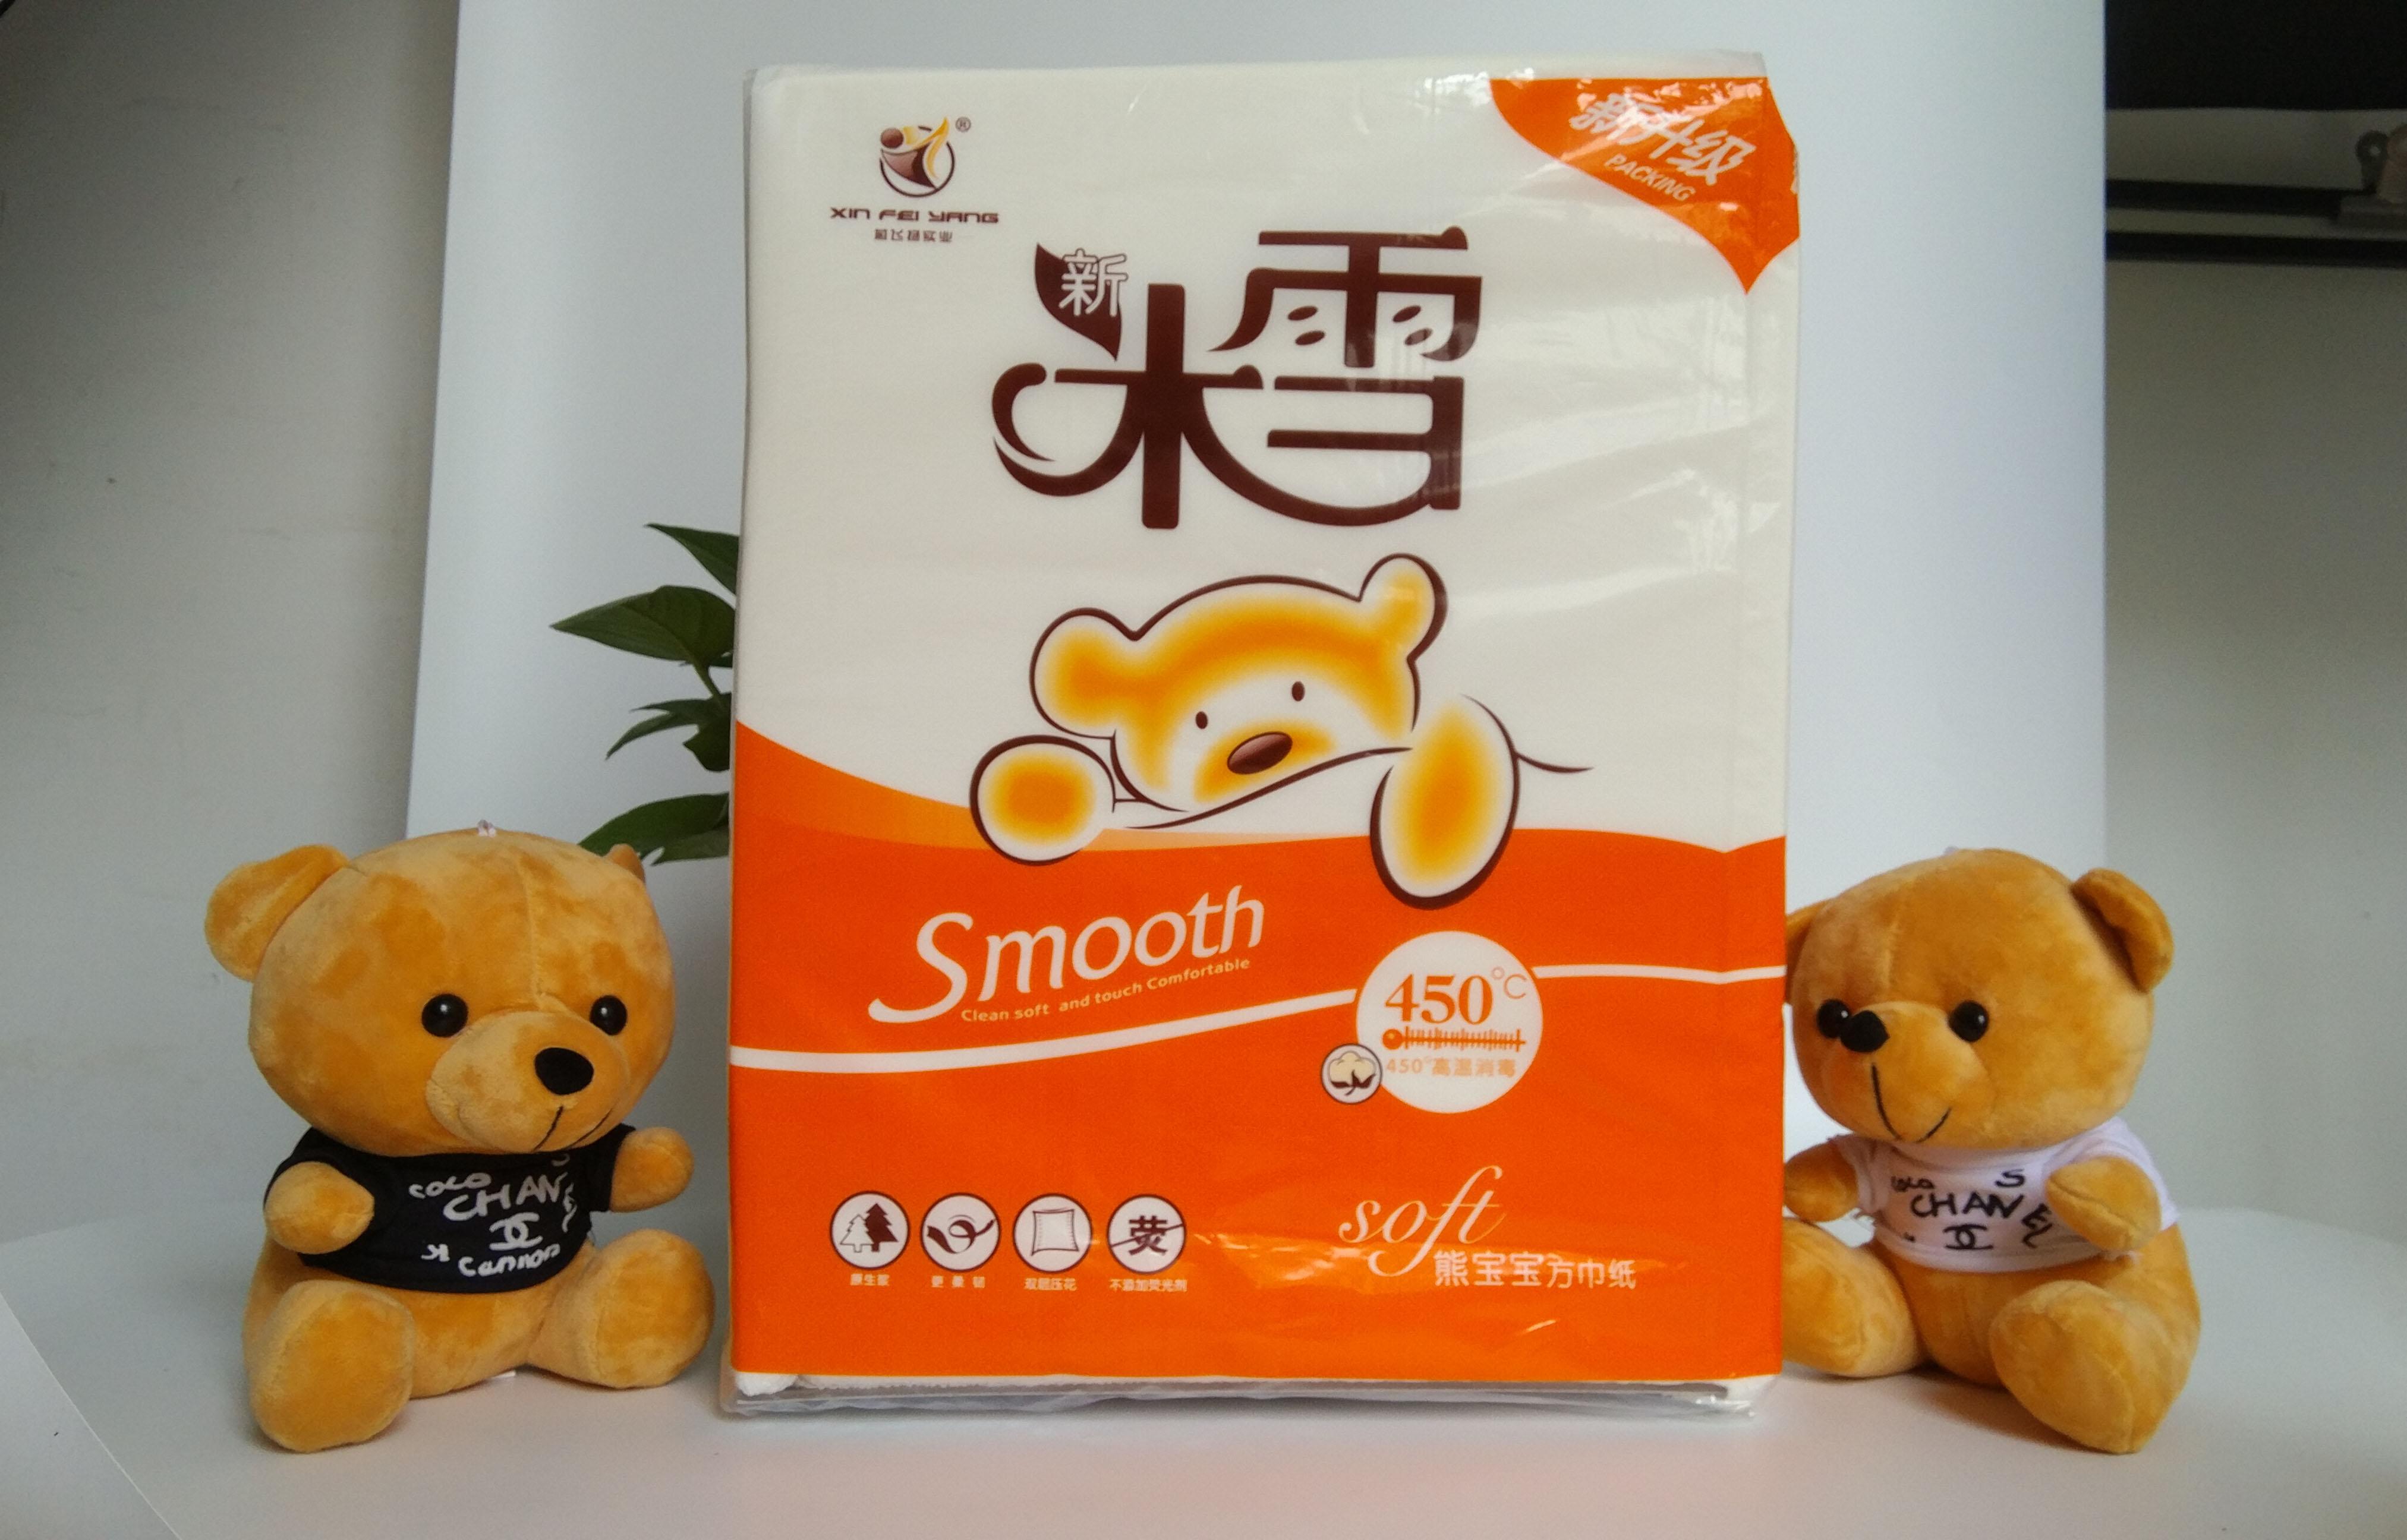 4斤新米雪大方包纸(缤纷橙)